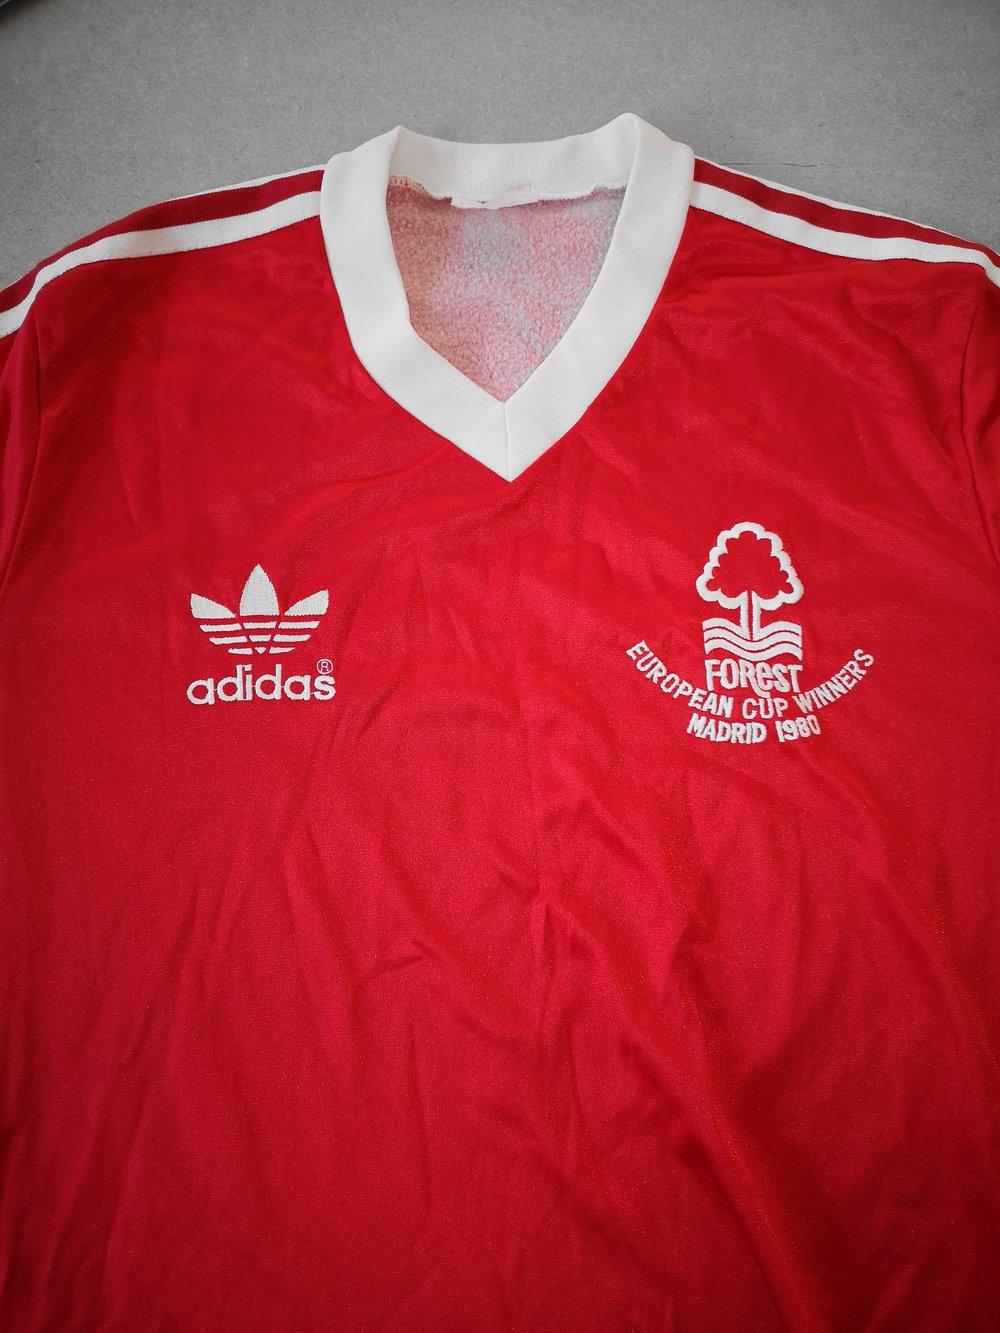 nottingham forest european cup winners football shirt